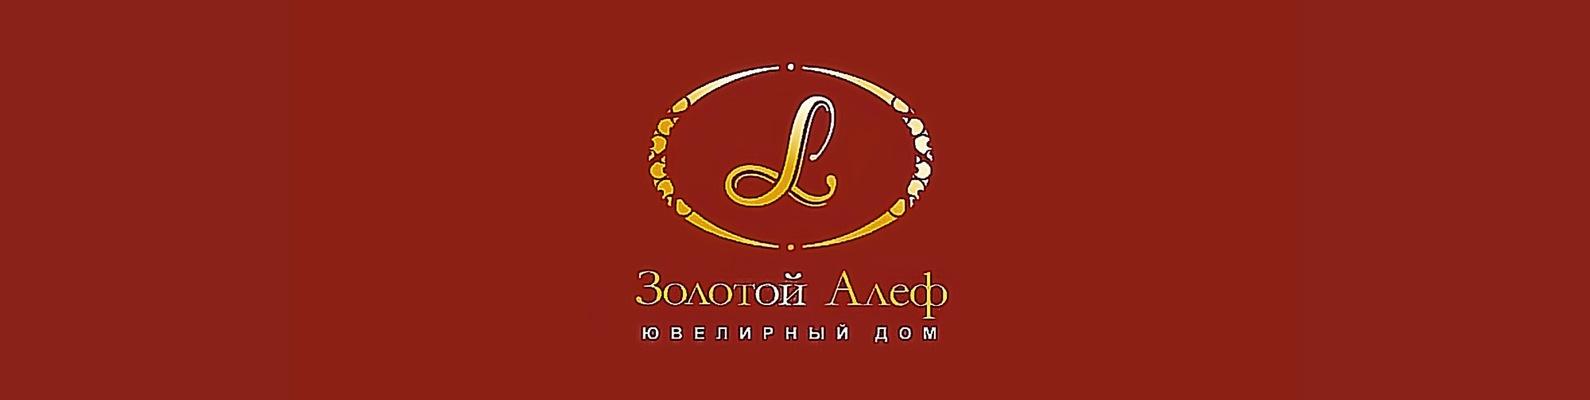 Золотой Алеф   ВКонтакте 7056ef7b8f9